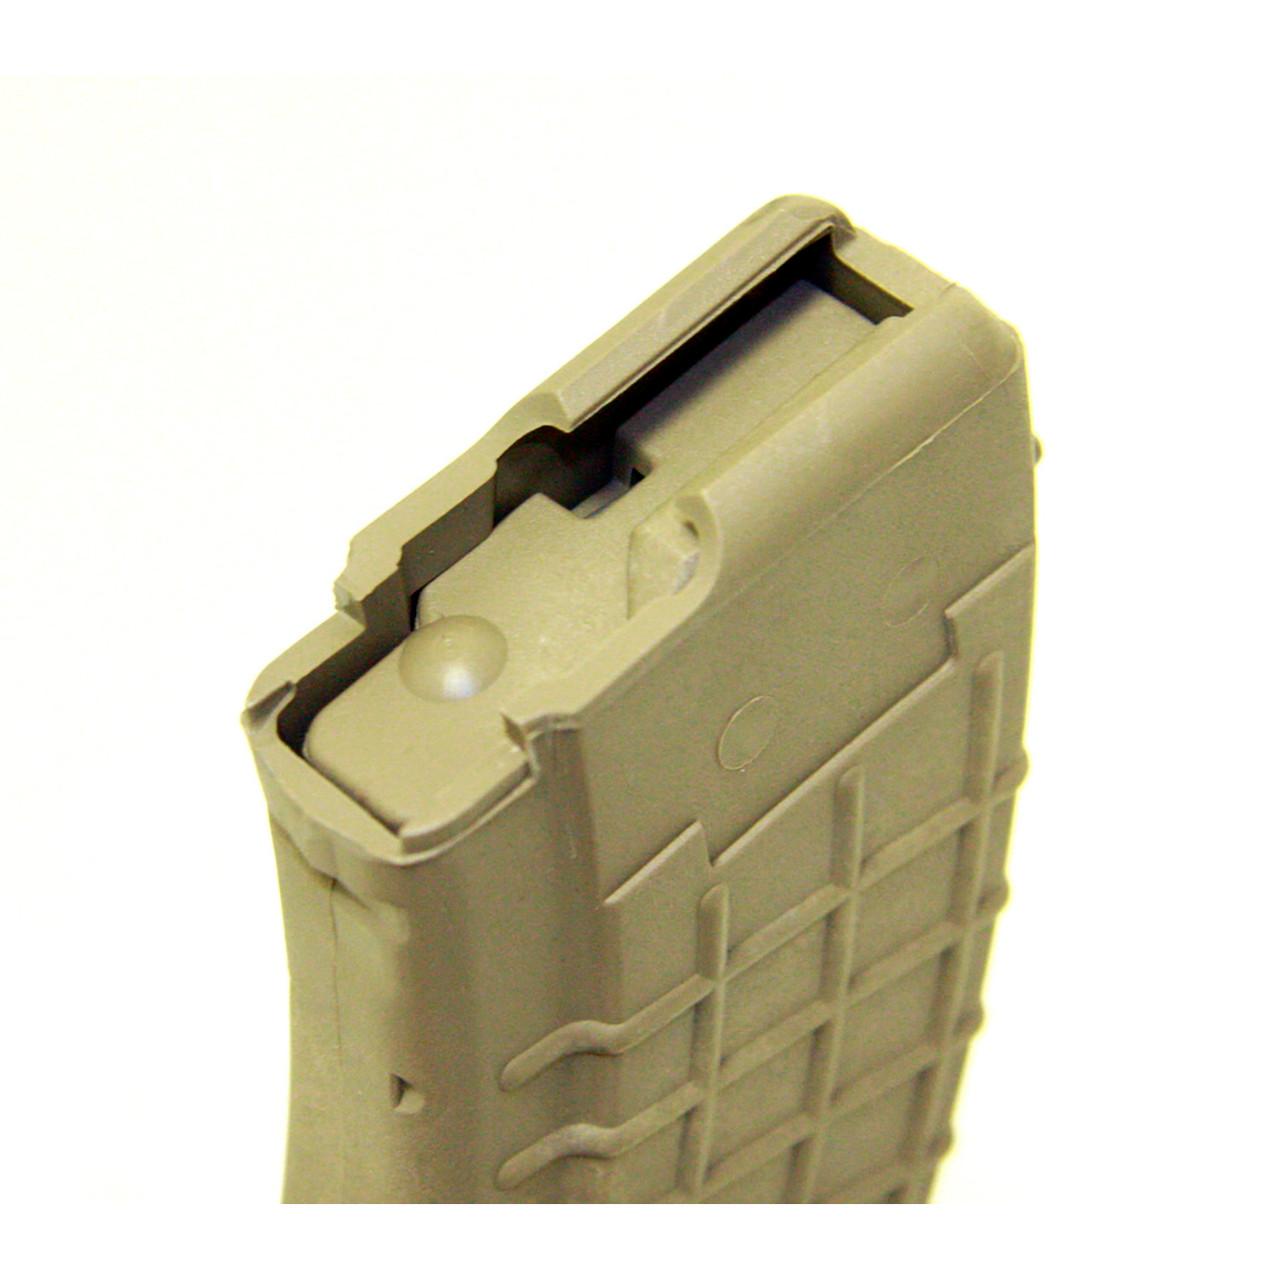 AK-47® 7.62x39mm (30) Rd - Tan Polymer